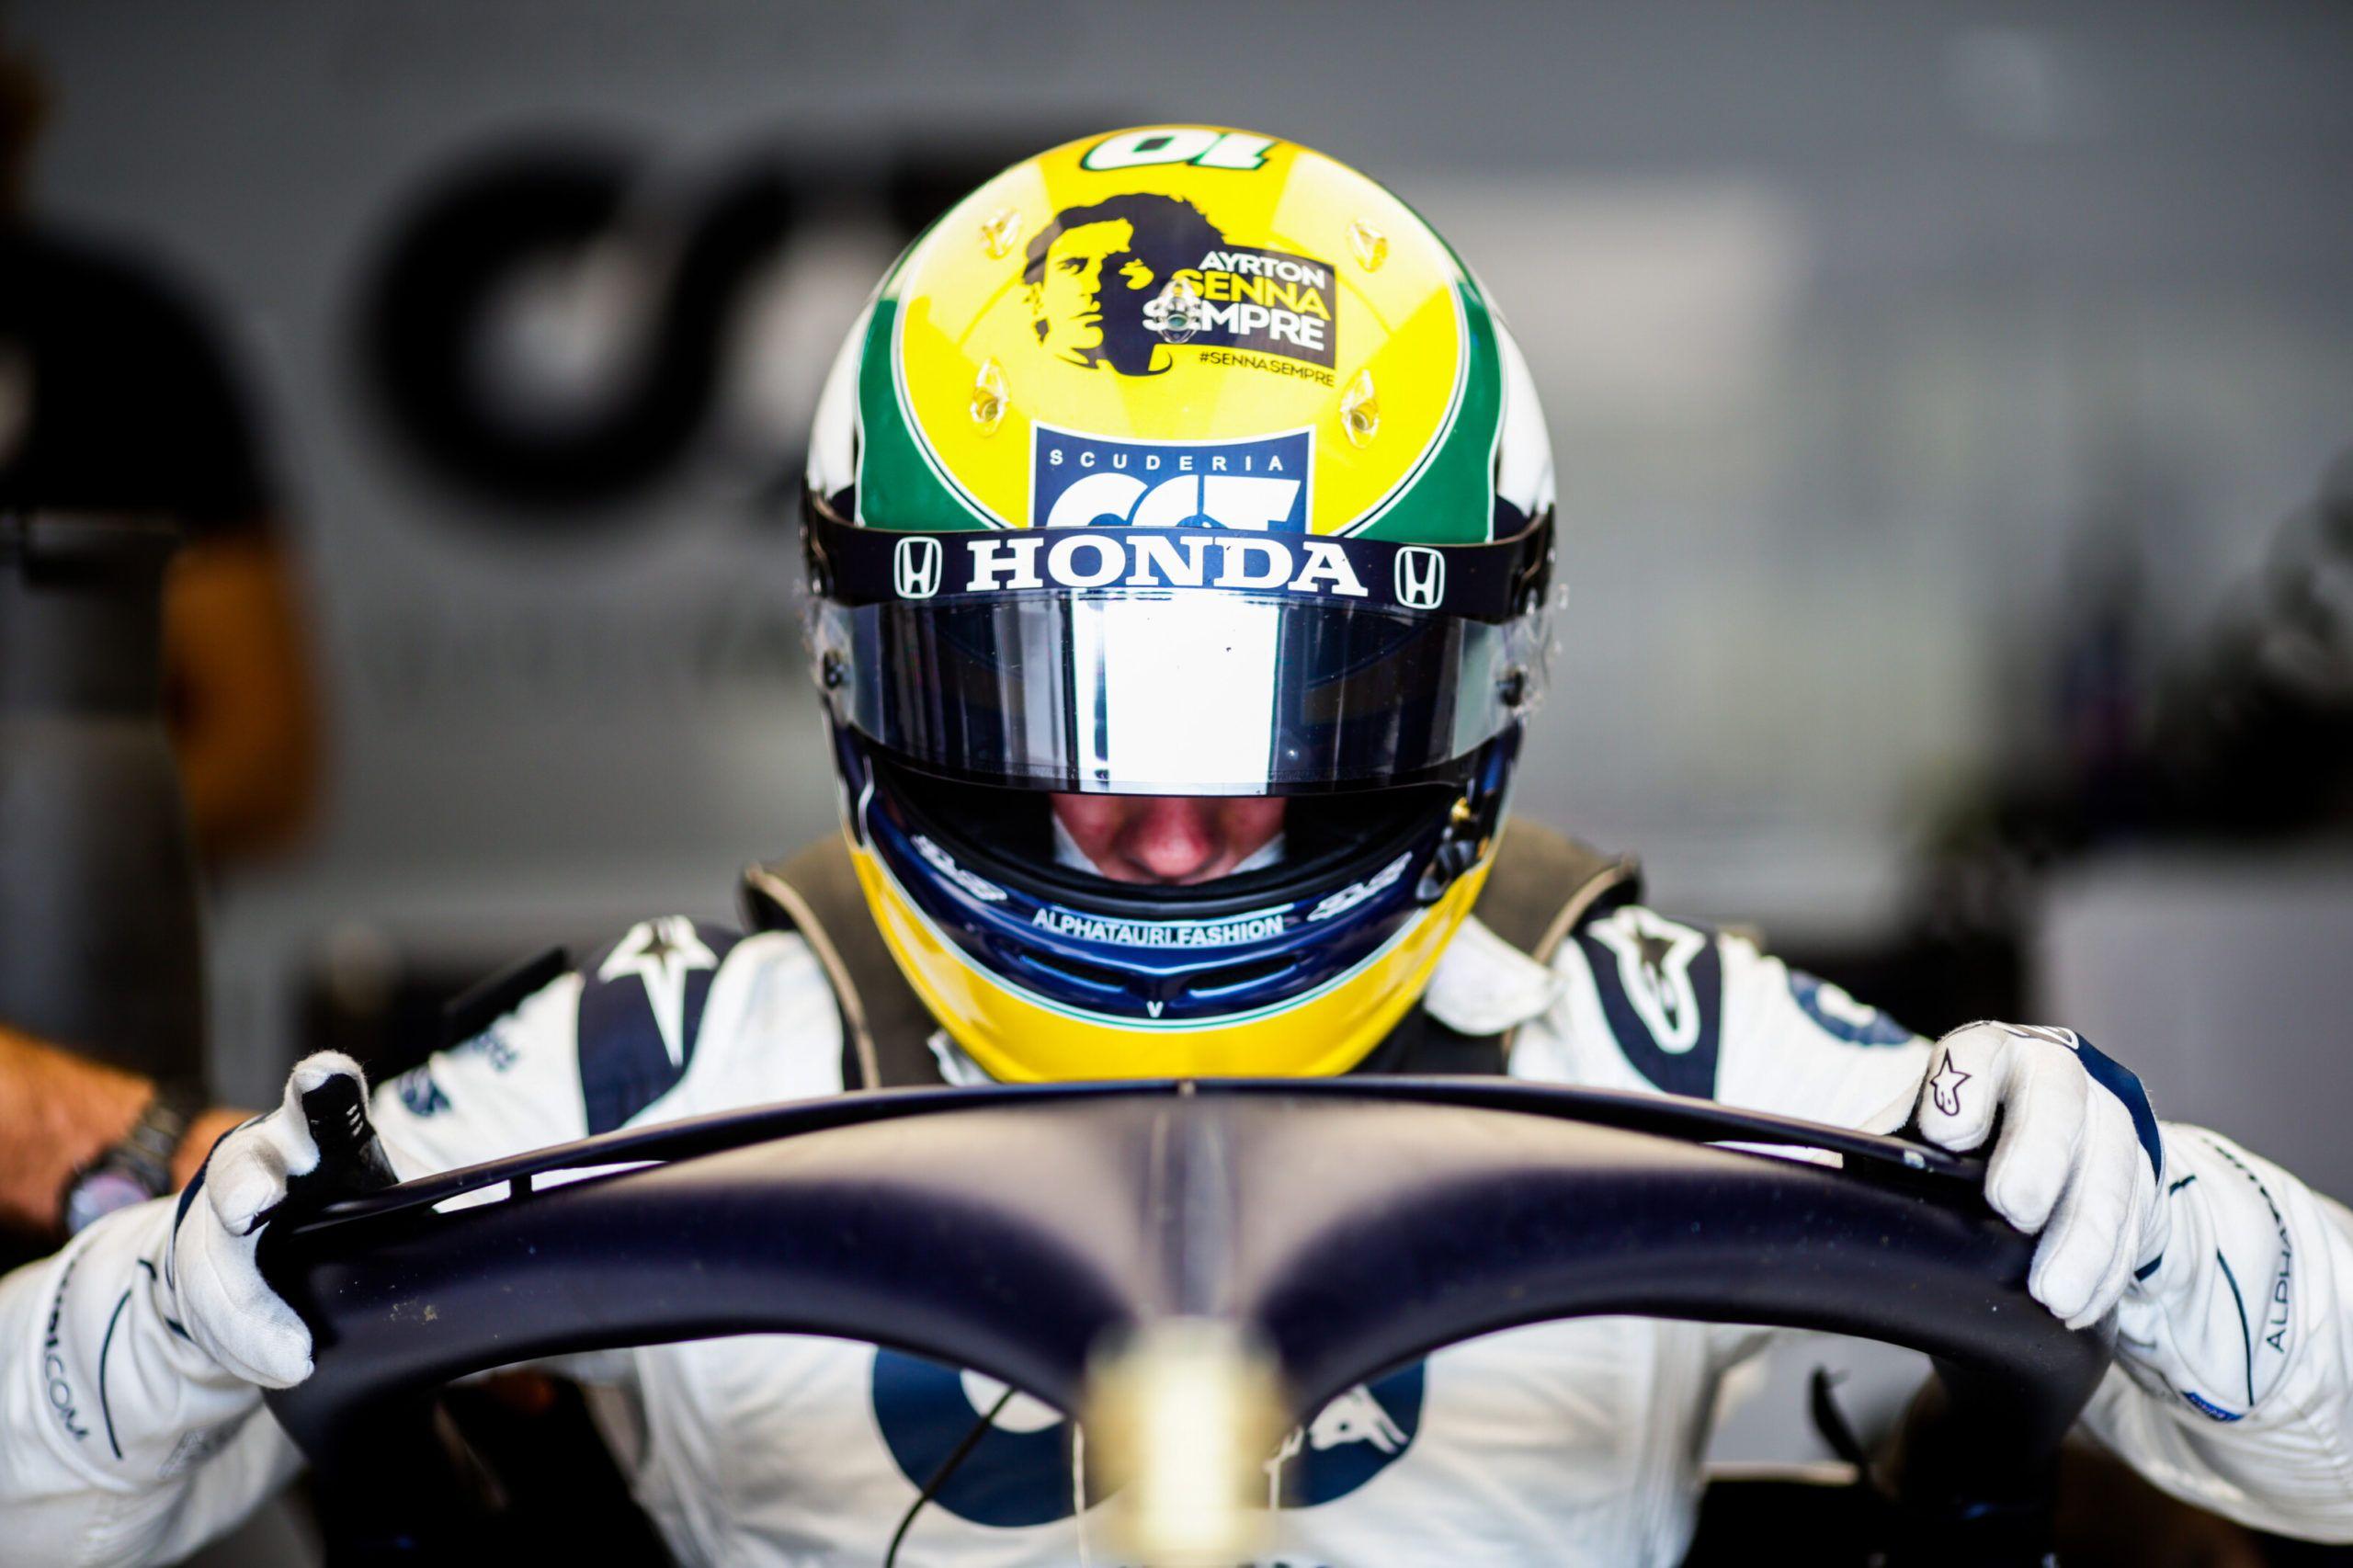 Pierre Gasly, F1, Senna, Jenson Button, Extreme E